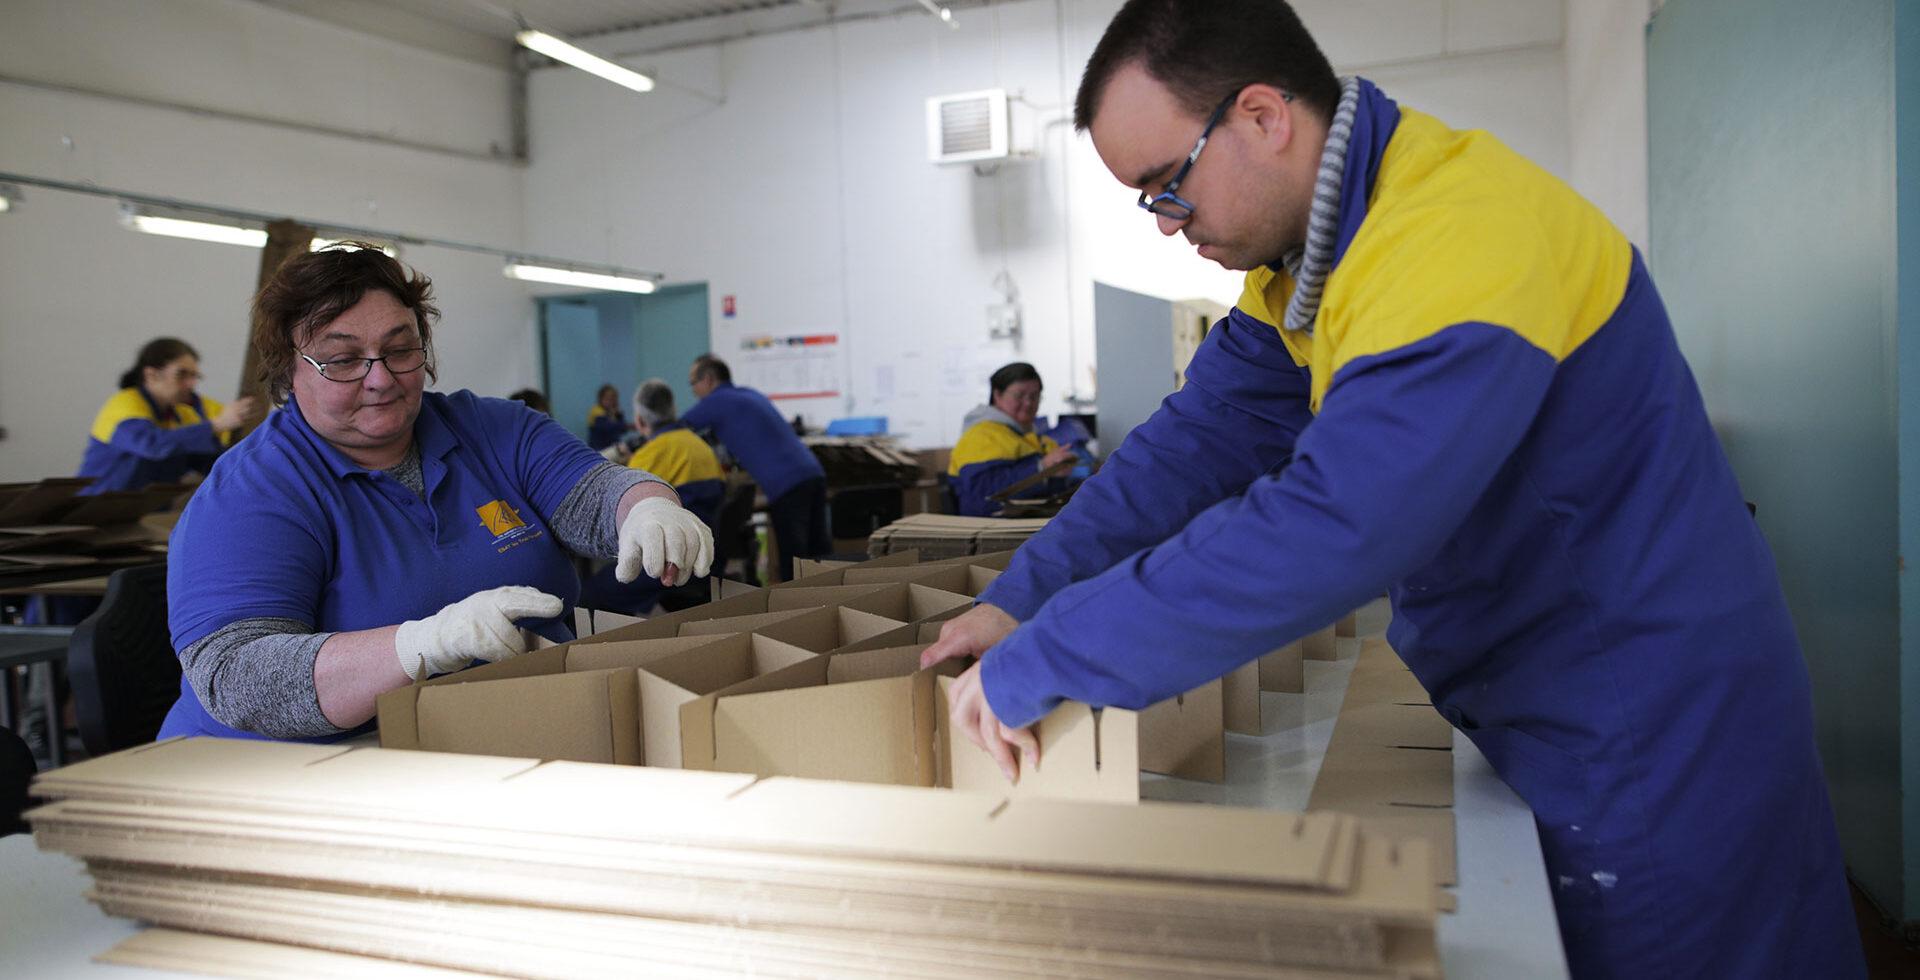 Travail pour les personnes en situation de handicap à Angers : Kypseli